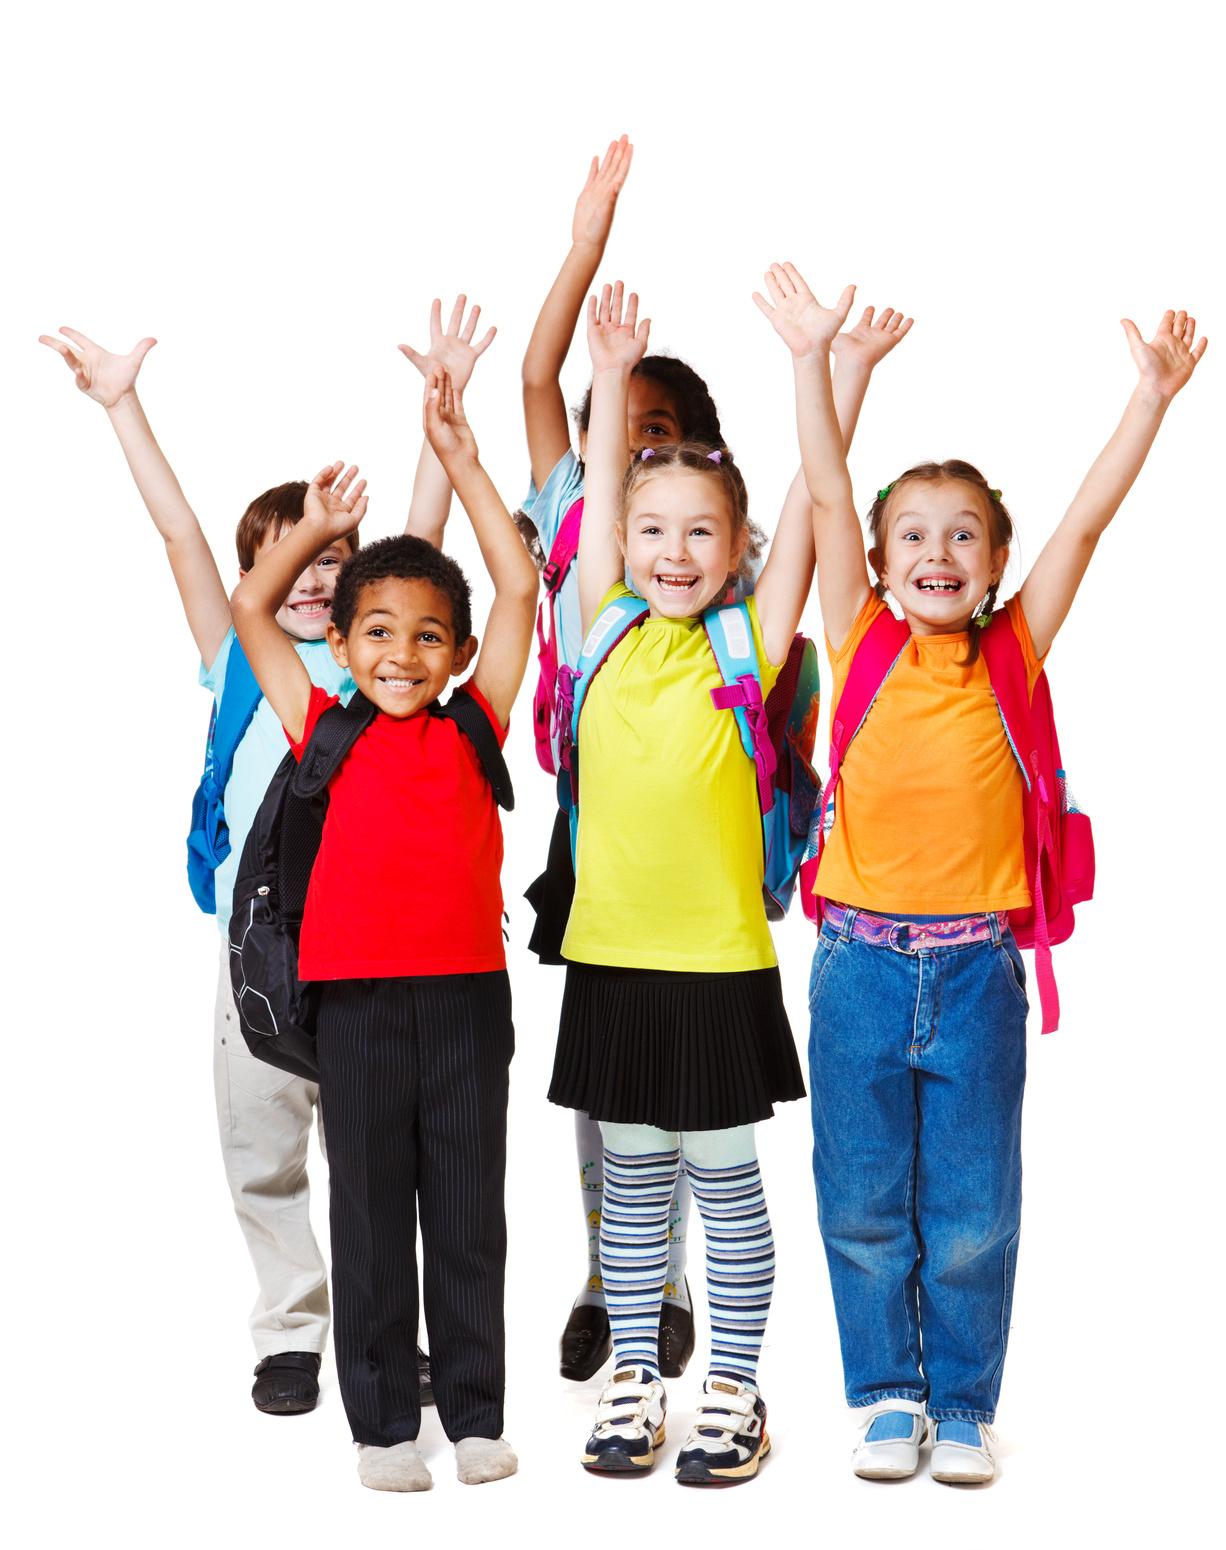 بالصور صوراصدقاء المدرسة , اصدقاء الطفولة واجمل الذكريات 3697 6